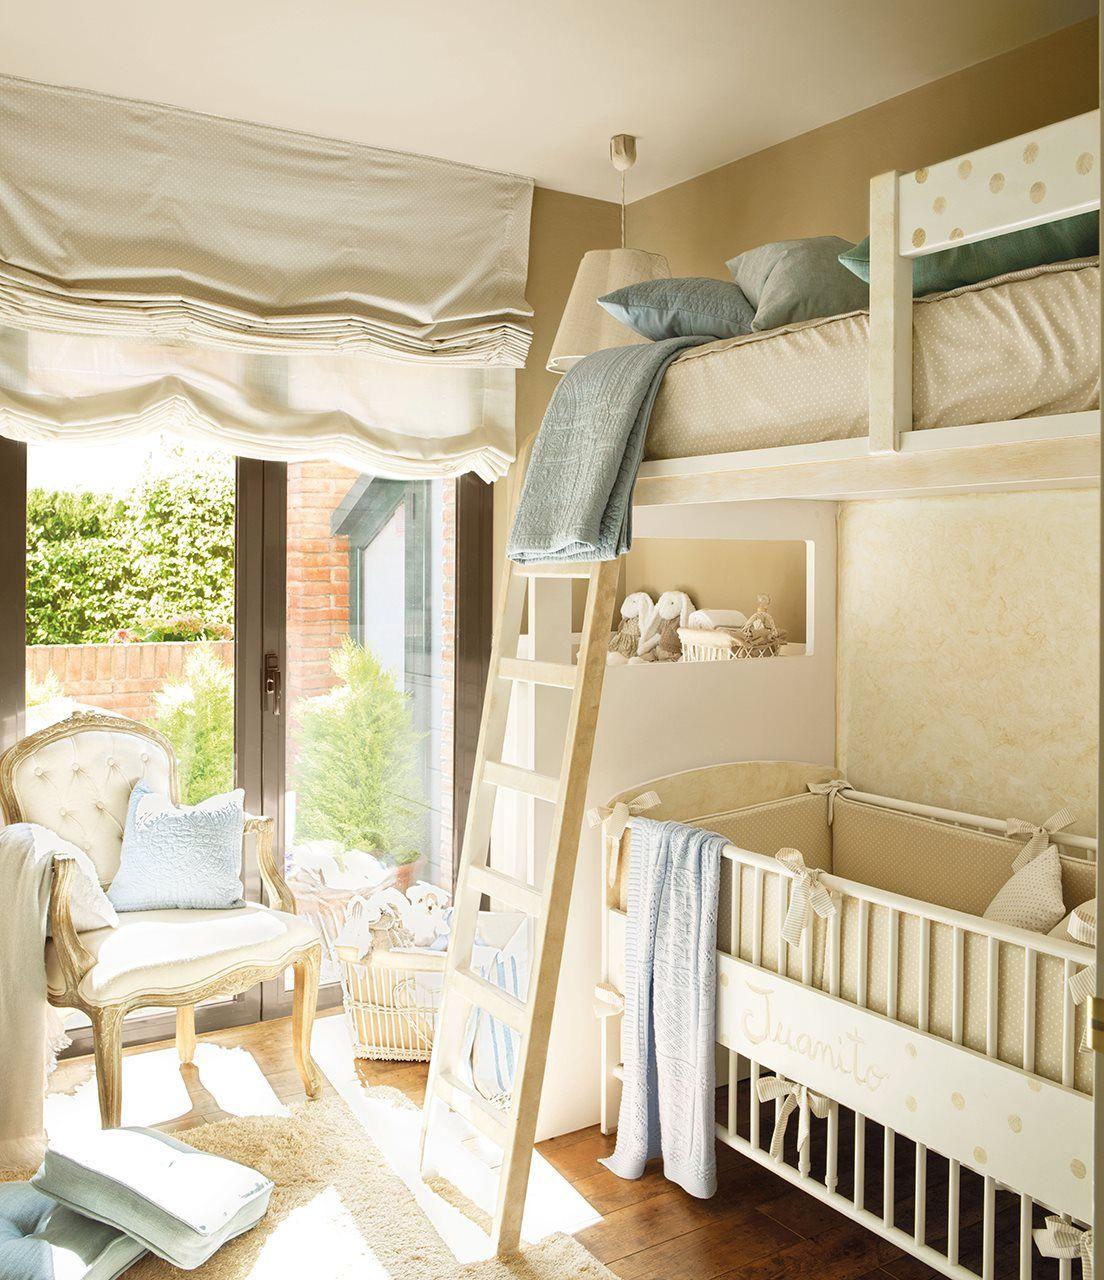 10 ideas para una habitaci n de dos o m s - Habitacion para dos ninos ...